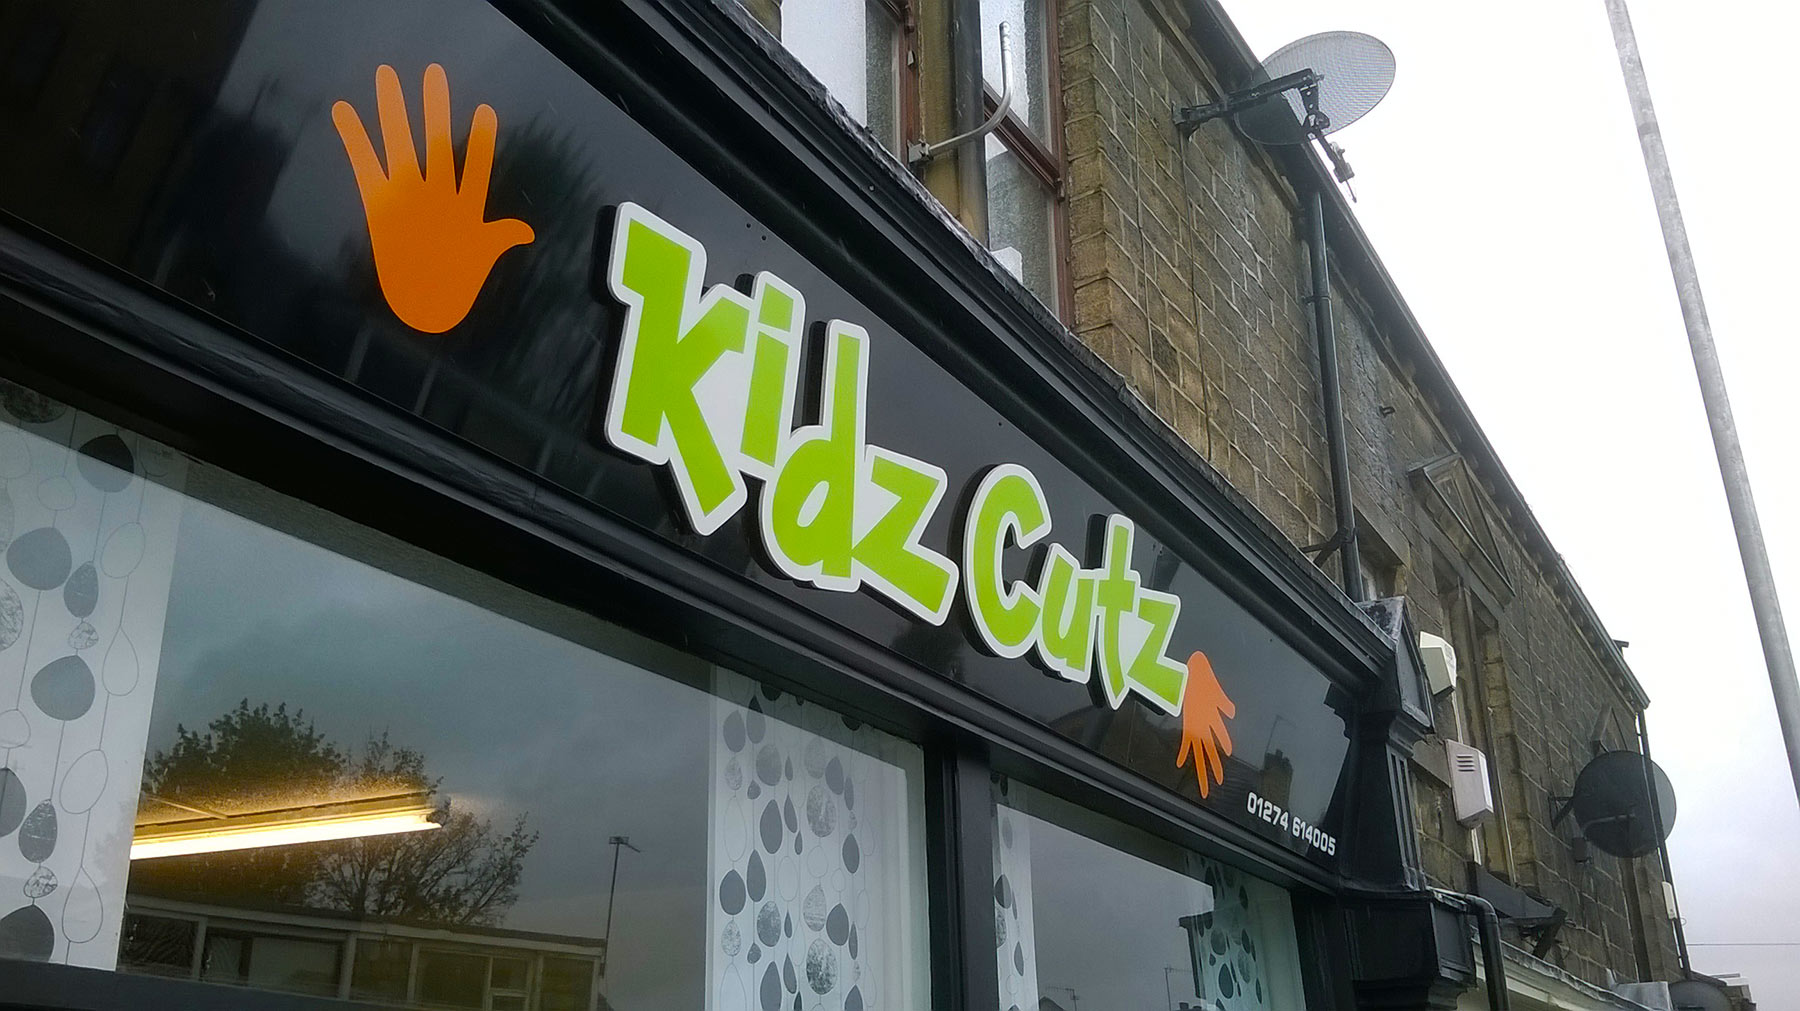 Shop Frontages: Kidz Cutz